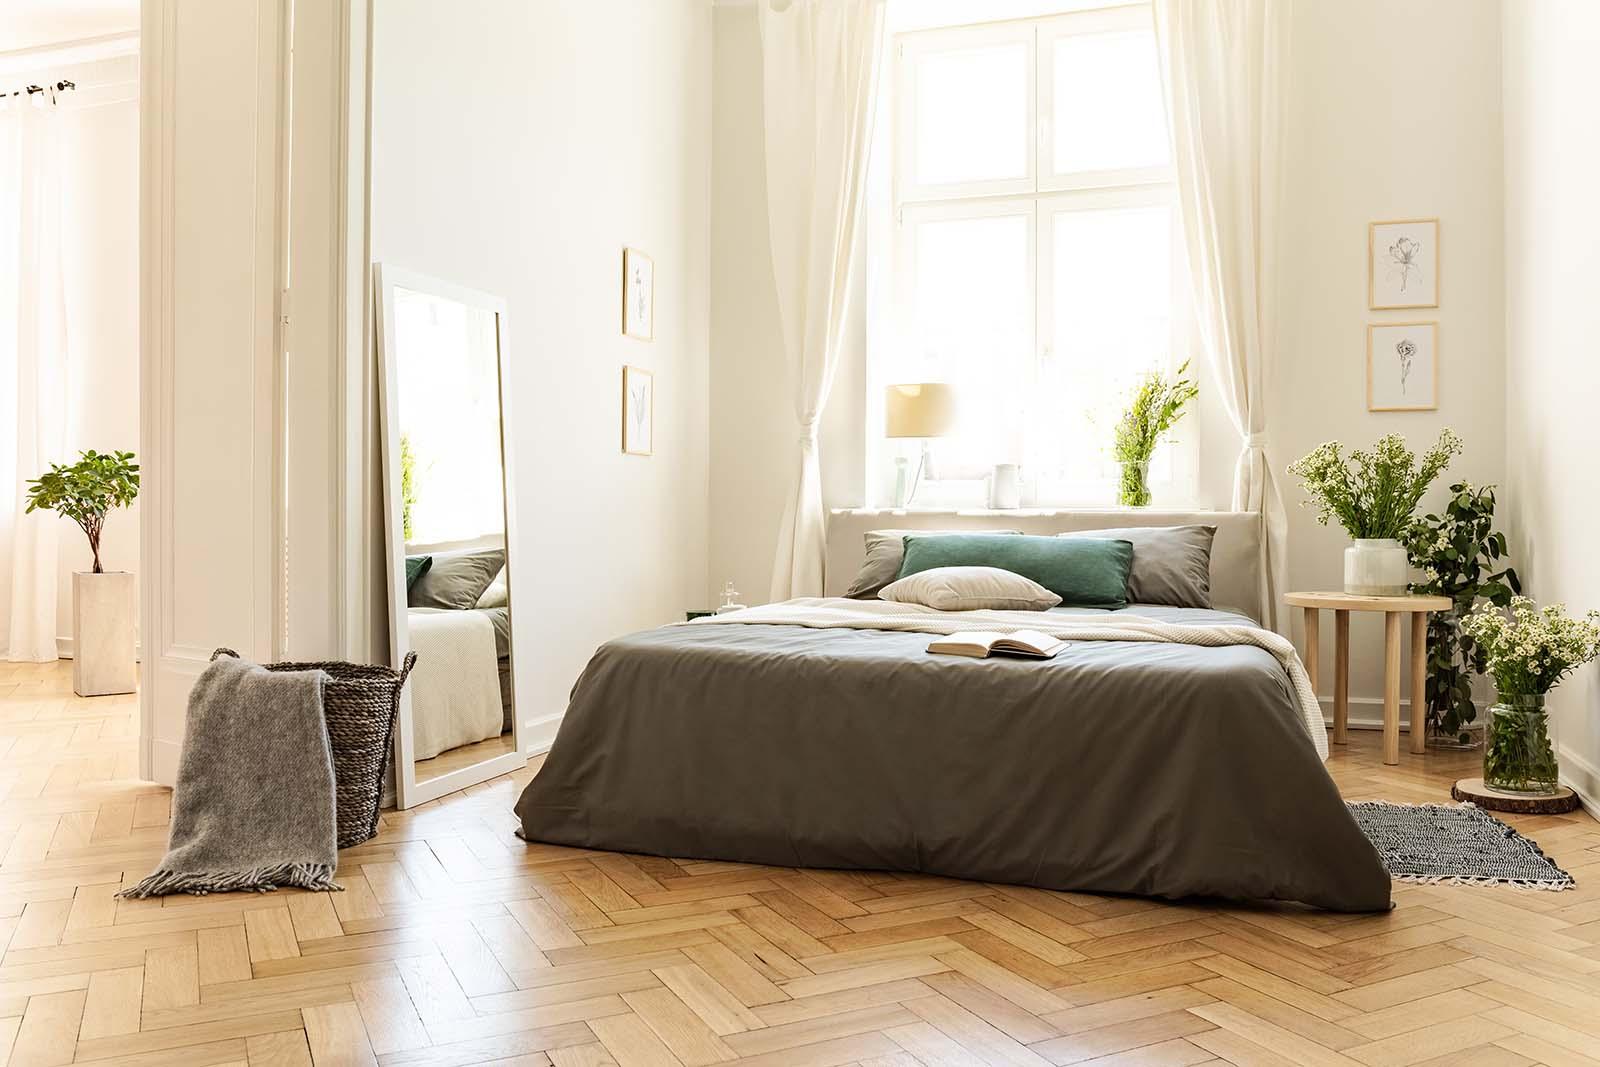 Visgraat vloer in de slaapkamer